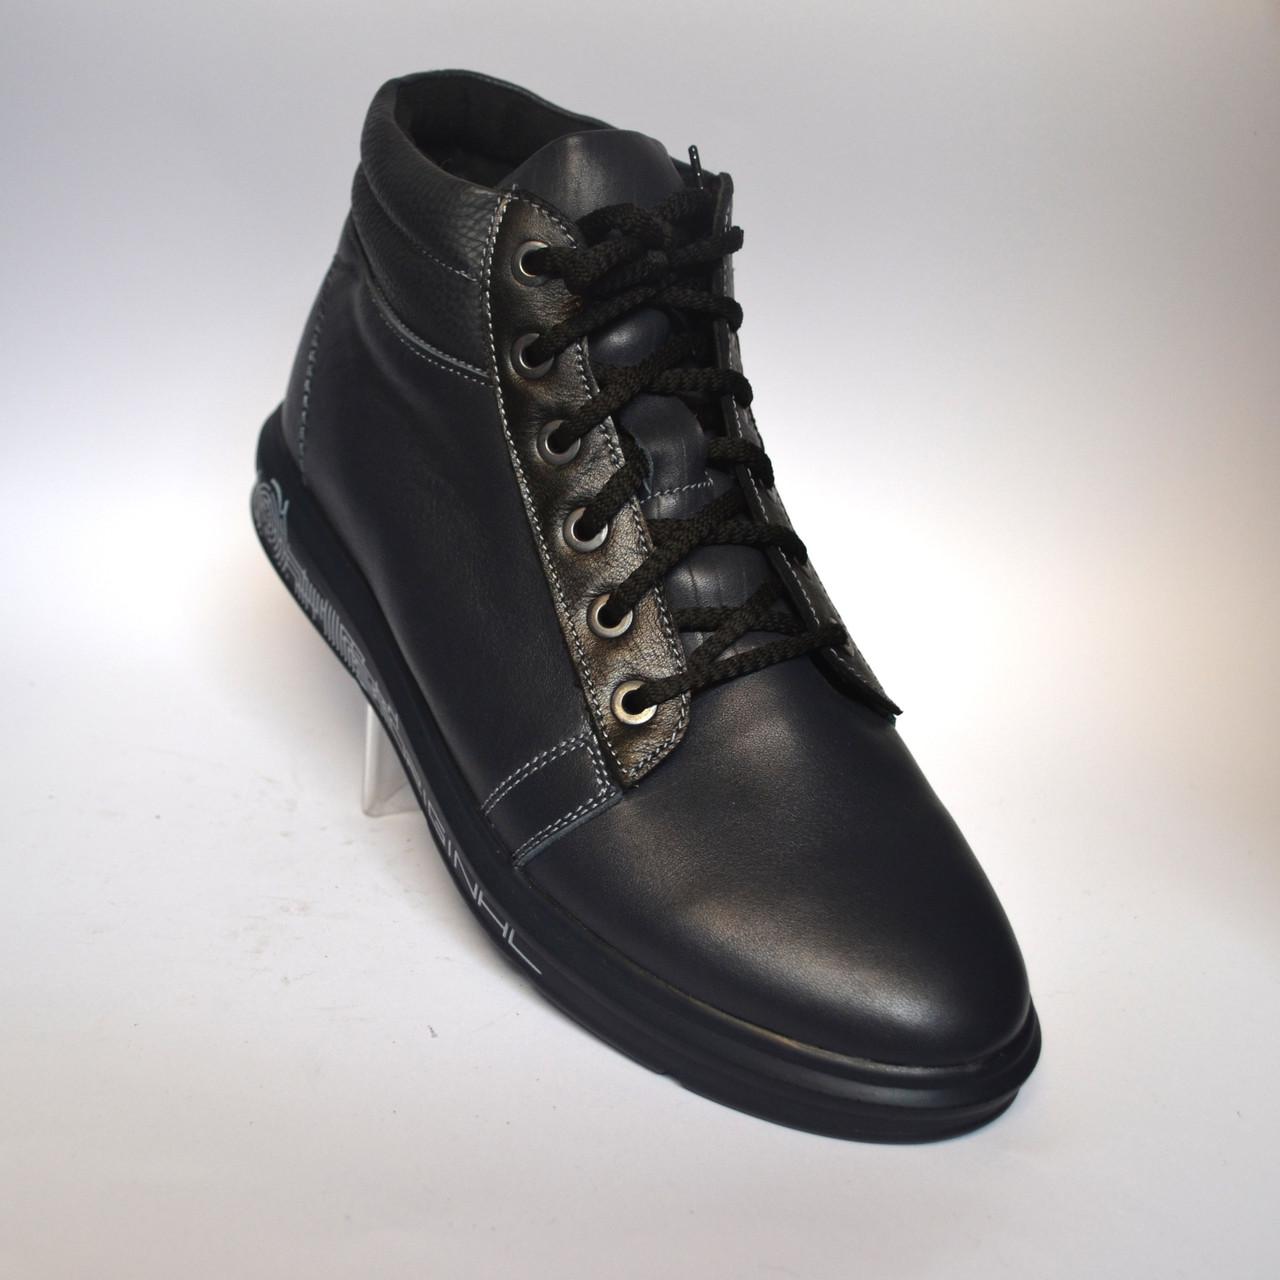 Черные зимние мужские ботинки Rosso Avangard. Original Black кожаные